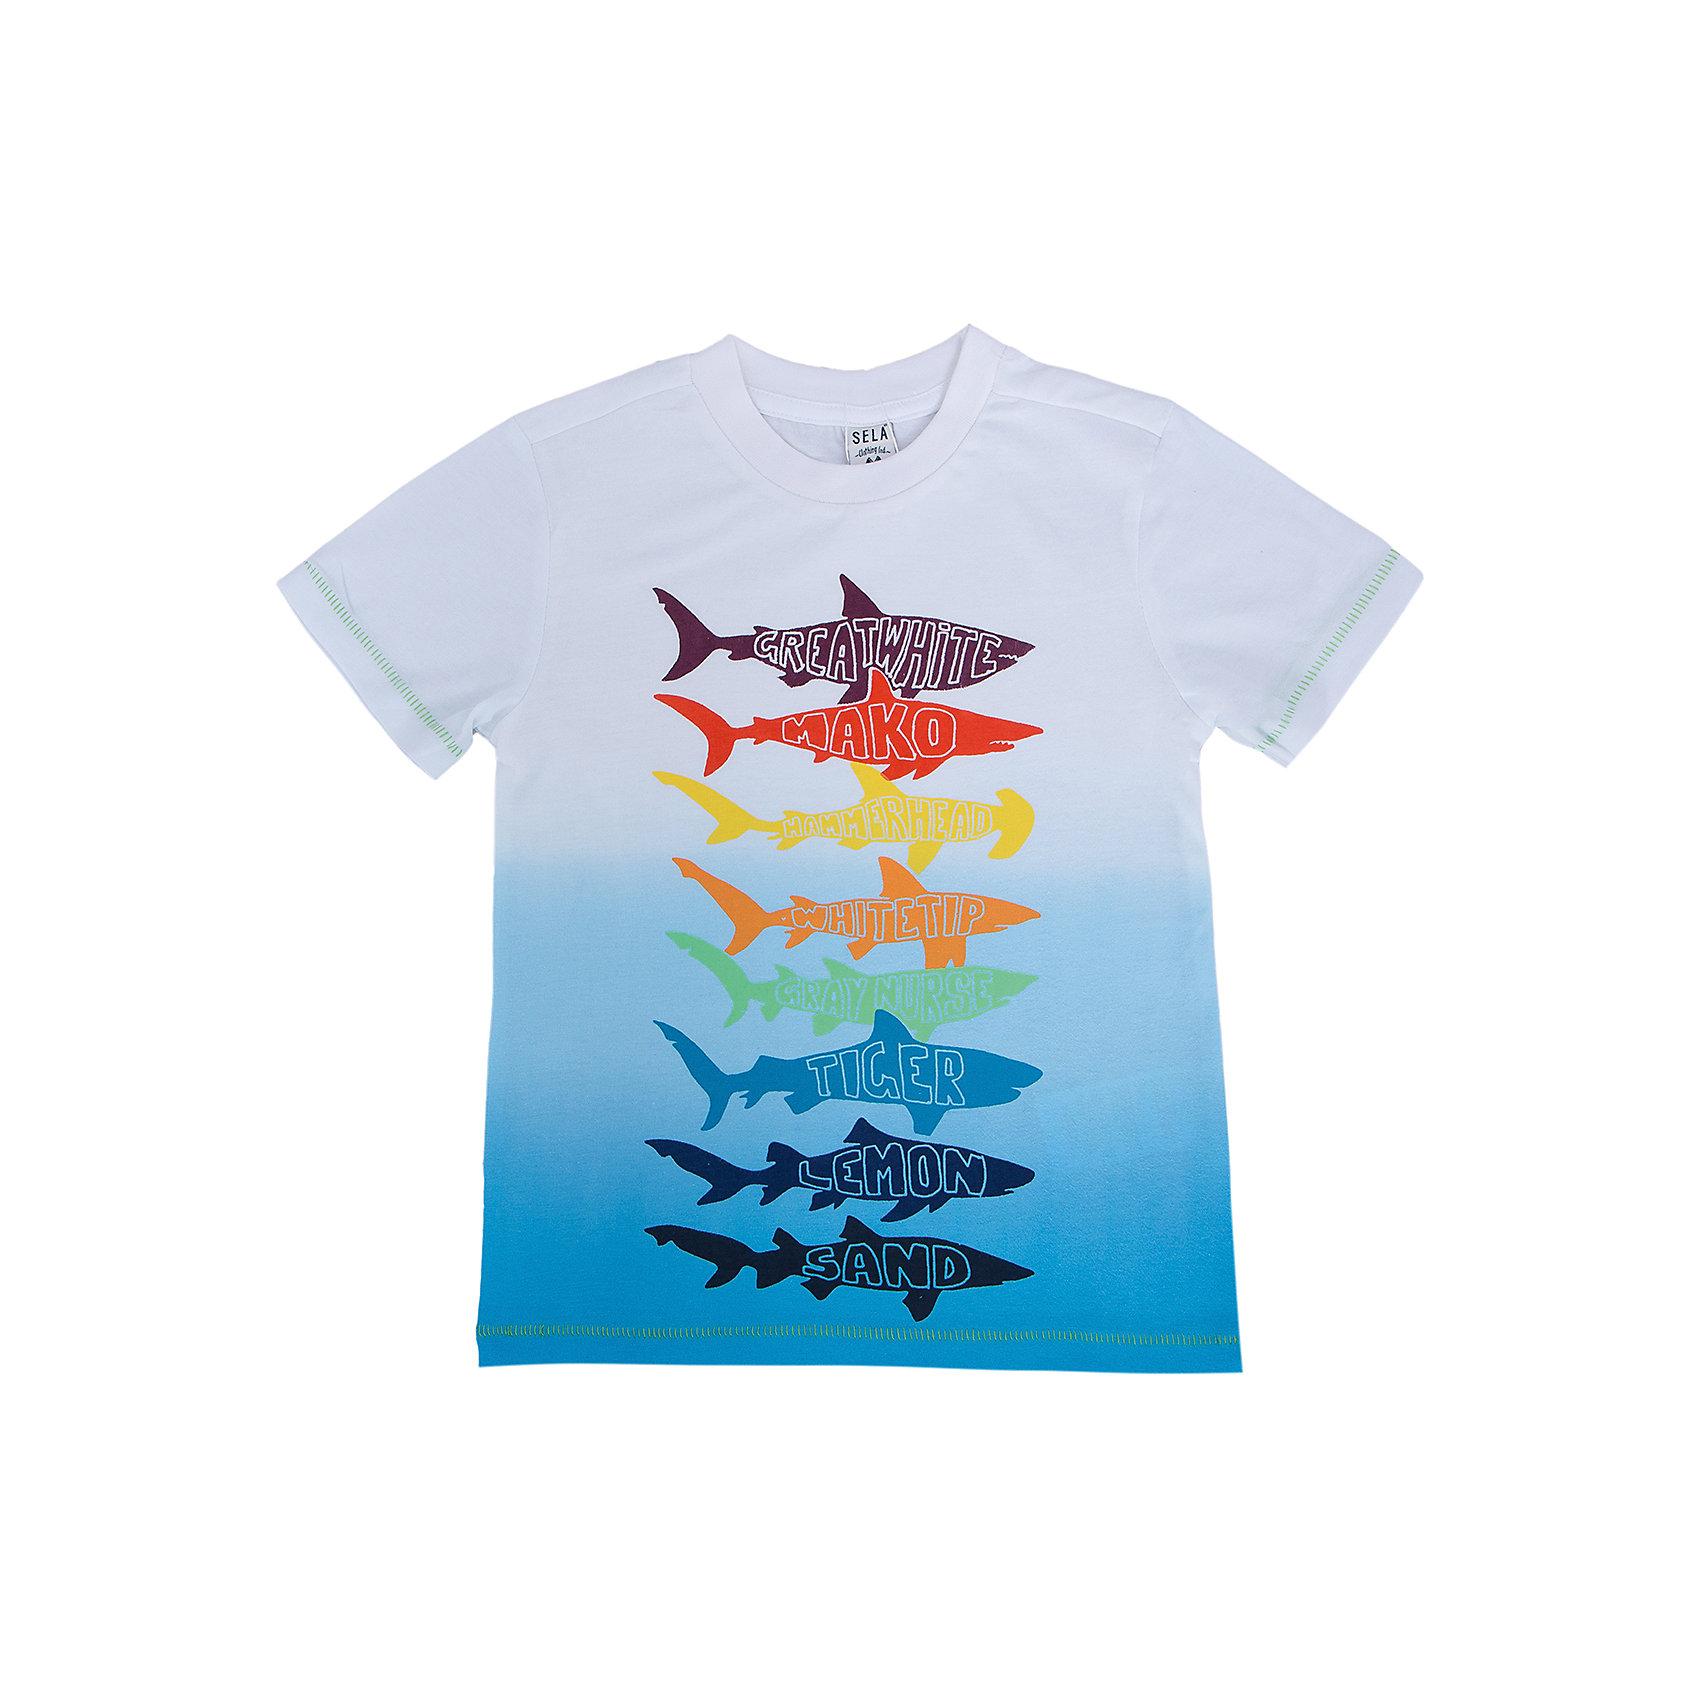 Футболка для мальчика SELAСтильная футболка для мальчика от популярного бренда SELA. Изделие выполнено из натурального гипоаллергенного трикотажа, очень мягкого, дышащего и приятного к телу, и обладает следующими особенностями:<br>- эффектный принт акулы;<br>- эластичная отделка горловины;<br>- комфортный крой;<br>- базовая модель.<br>Великолепный выбор для активного лета!<br><br>Дополнительная информация:<br>- состав: 100% хлопок<br>- цвет: мультиколор<br><br>Футболку для мальчика SELA можно купить в нашем магазине<br><br>Ширина мм: 230<br>Глубина мм: 40<br>Высота мм: 220<br>Вес г: 250<br>Цвет: голубой<br>Возраст от месяцев: 36<br>Возраст до месяцев: 48<br>Пол: Мужской<br>Возраст: Детский<br>Размер: 116,92,98,110,104<br>SKU: 4741171